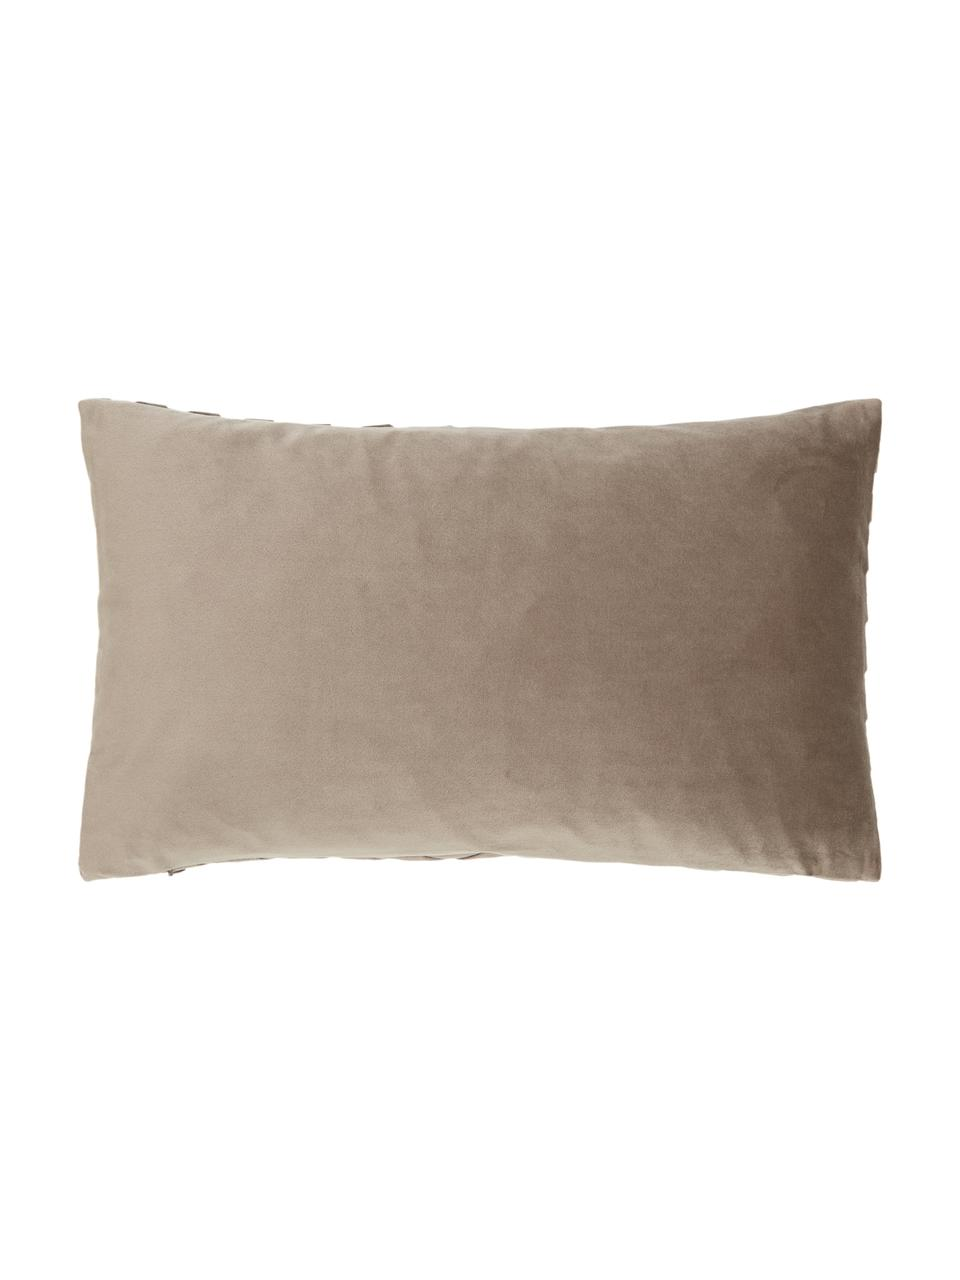 Samt-Kissenhülle Lucie in Taupe mit Struktur-Oberfläche, 100% Samt (Polyester), Beige, 30 x 50 cm